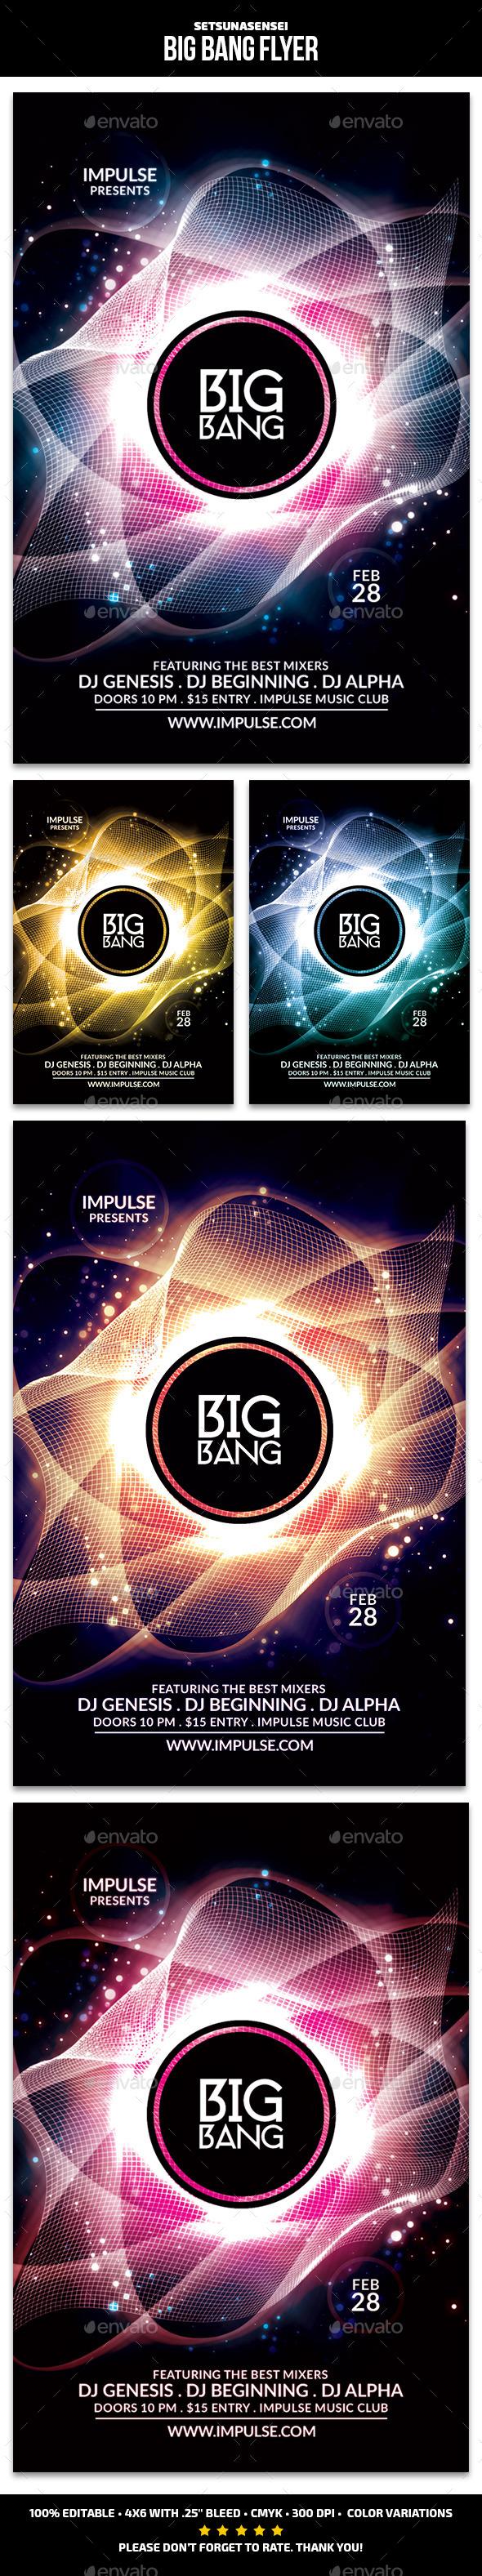 GraphicRiver Big Bang Flyer 9719153